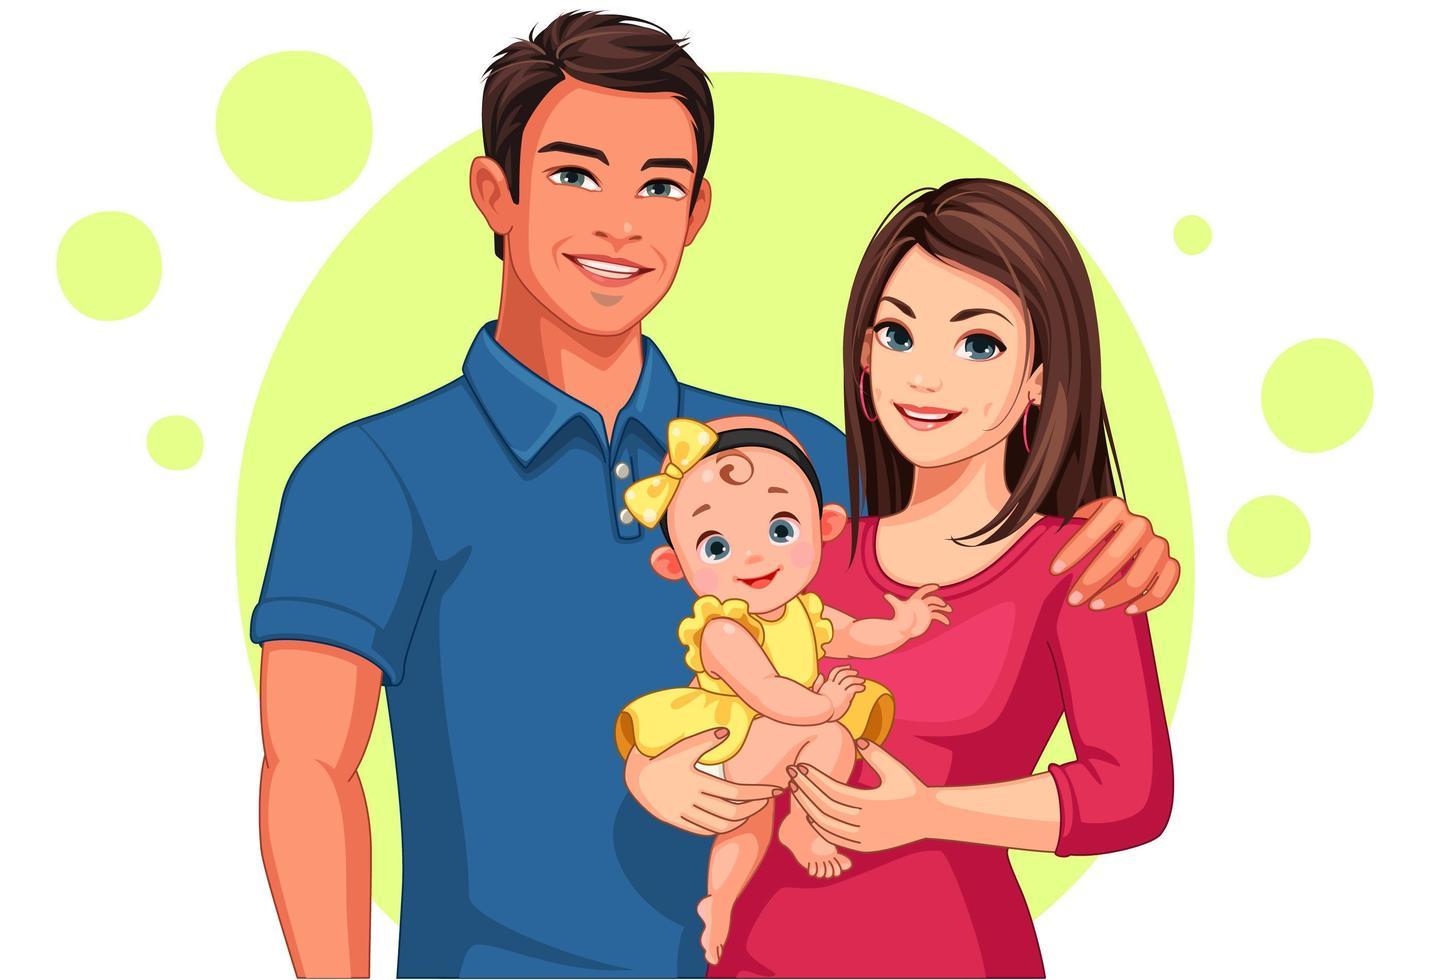 pai e mãe com filha vetor